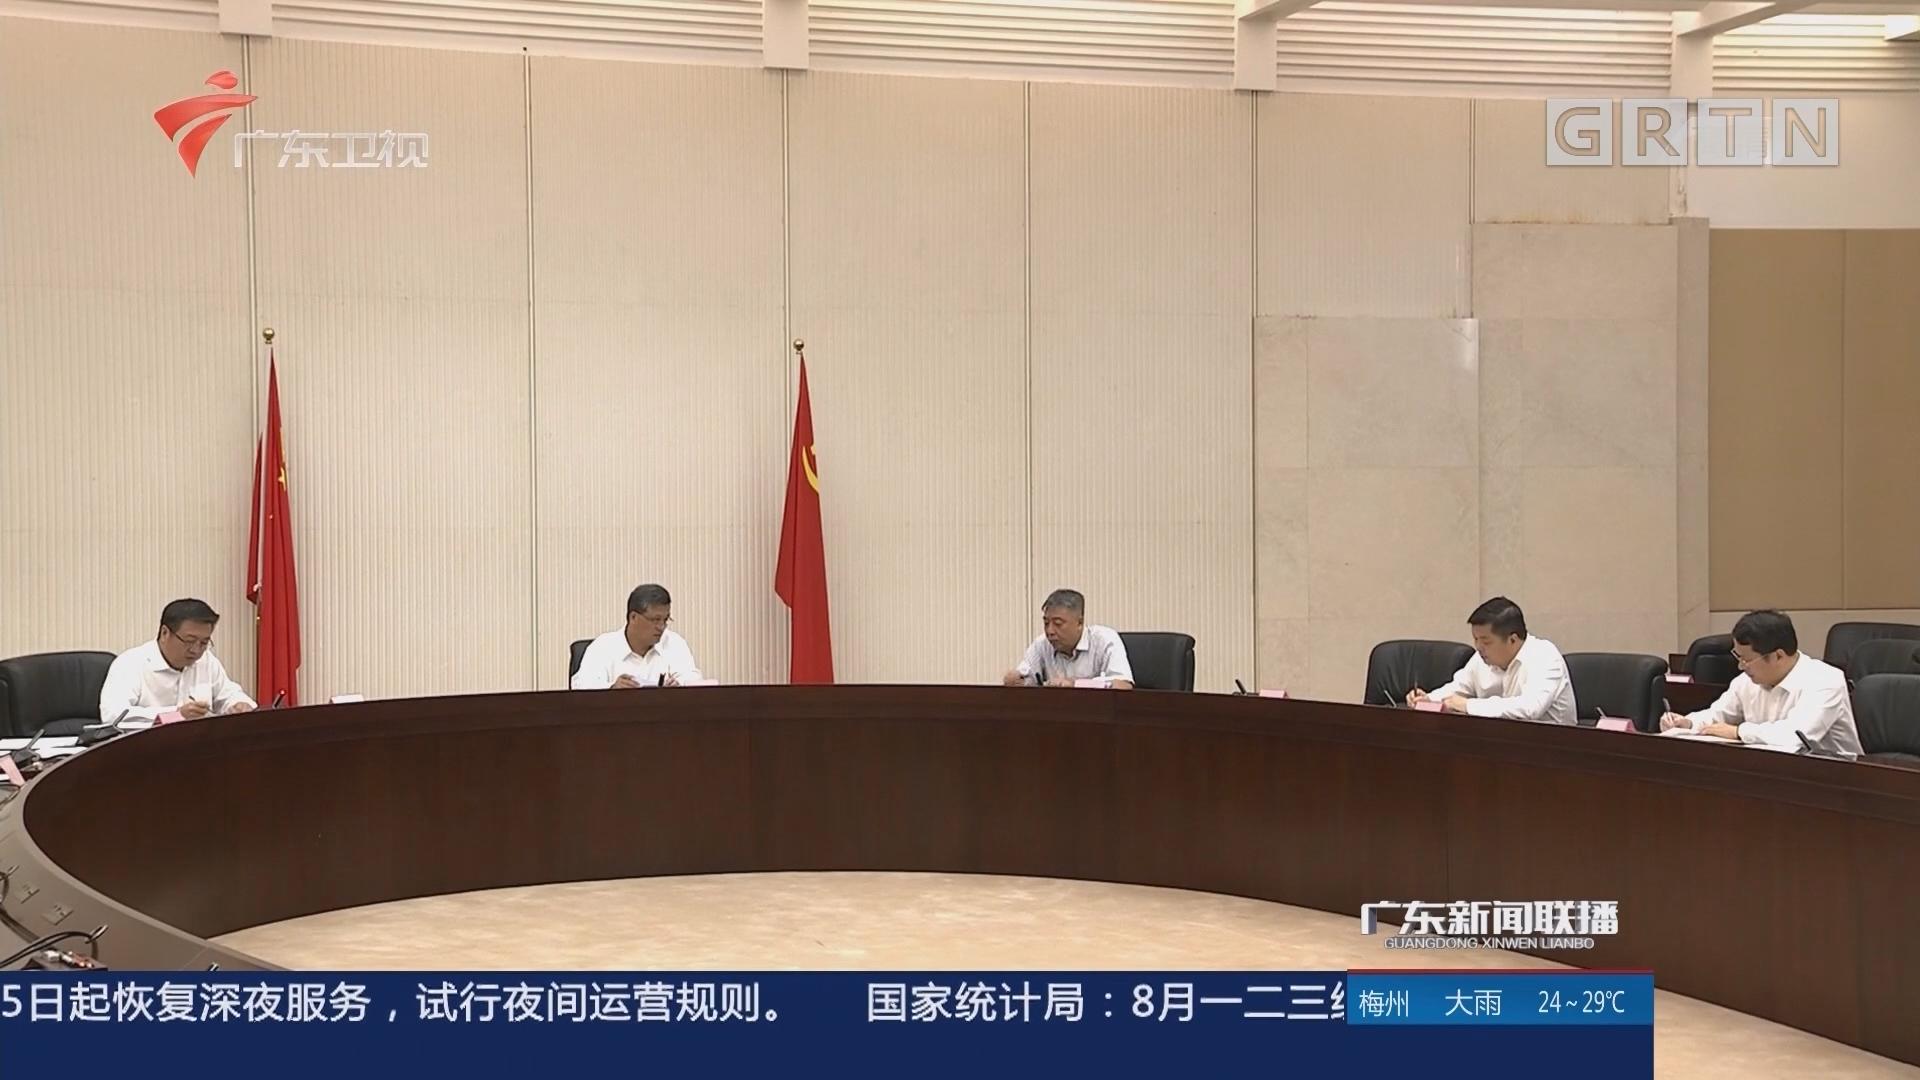 马兴瑞主持召开 省政府党组理论学习中心组专题学习会